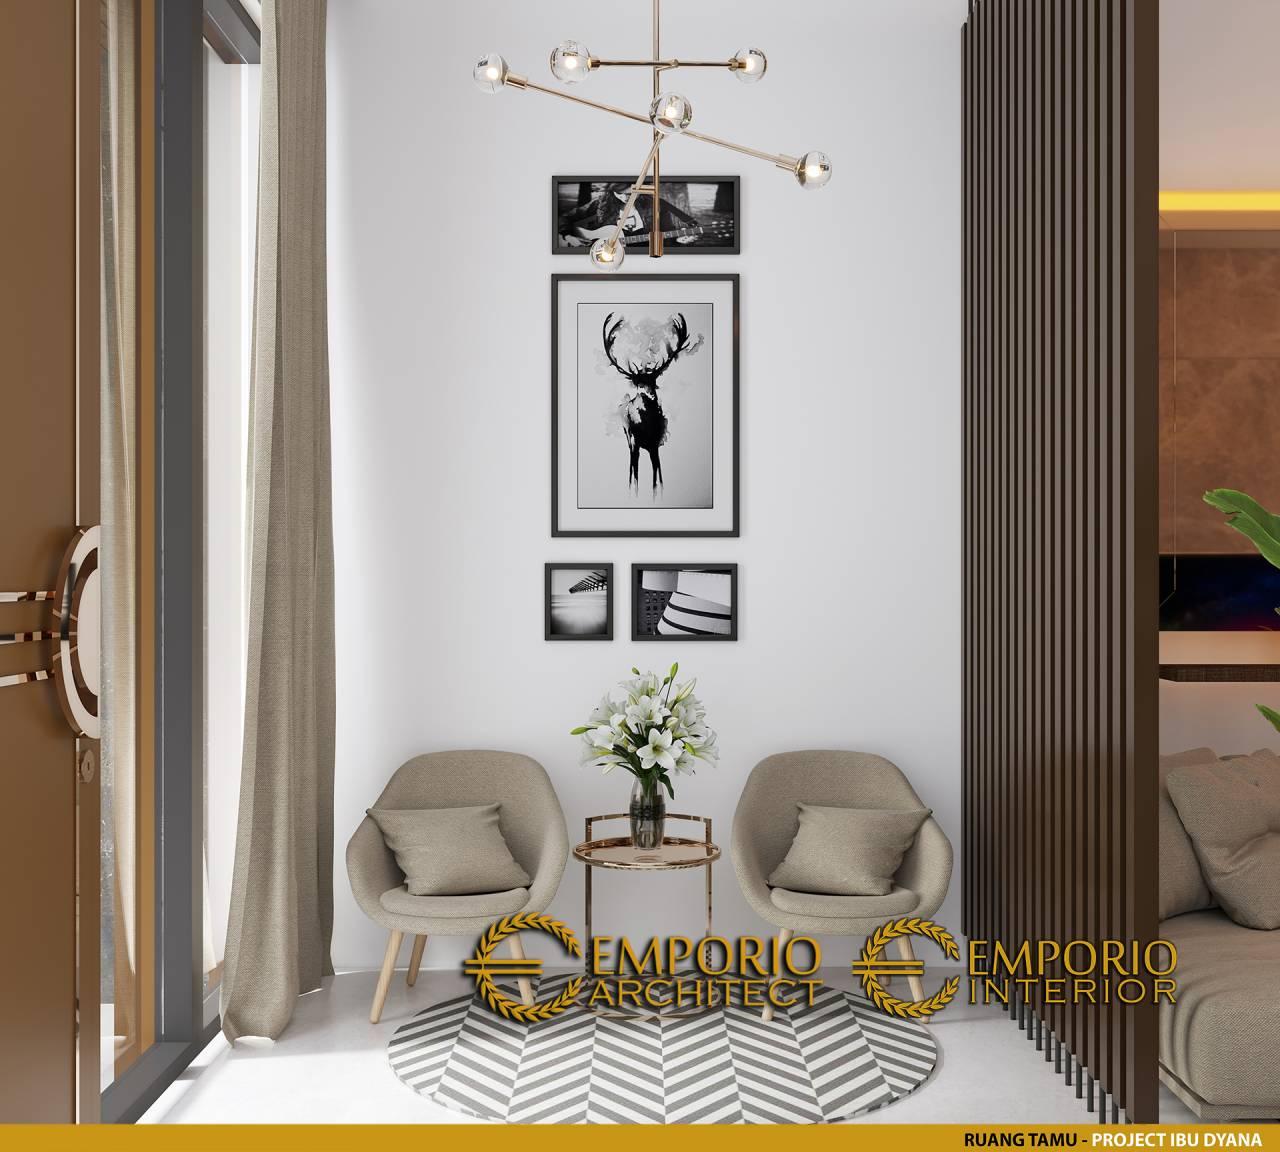 15 Desain Interior Ruang Tamu Dengan 2 Kursi Ini Cocok Untuk Rumah Minimalis Part 1